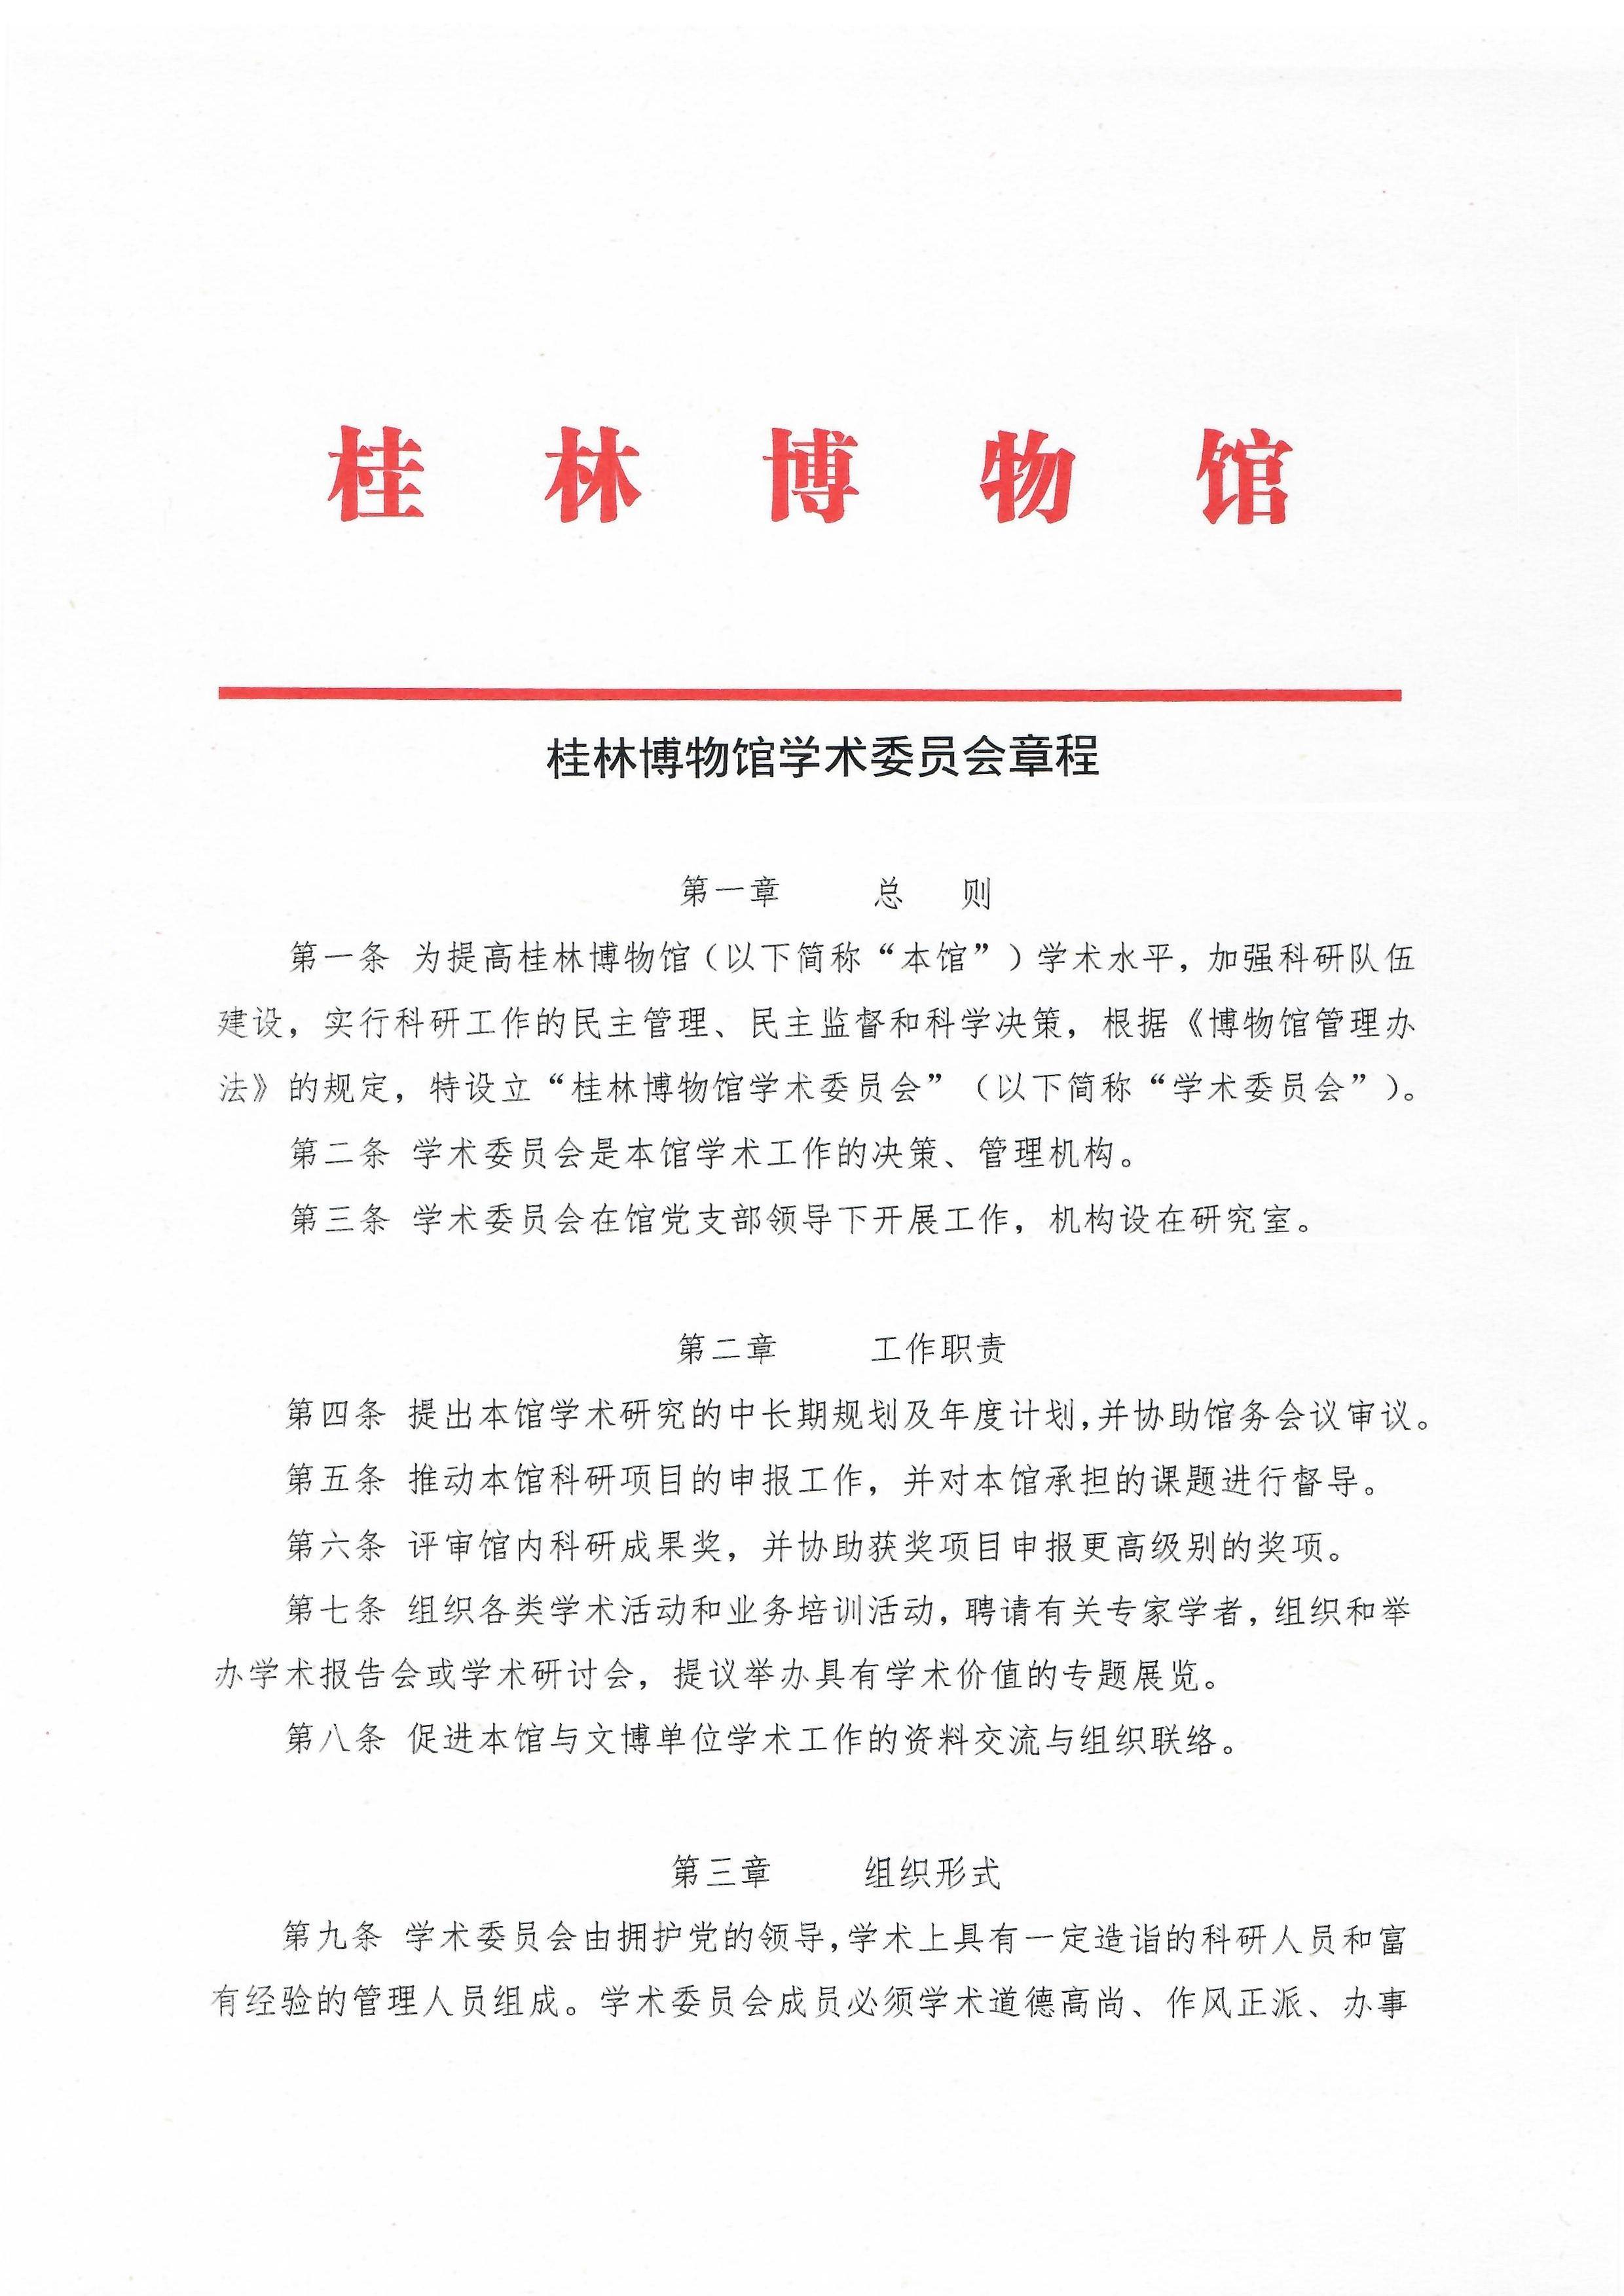 学术委员会章程_副本.jpg